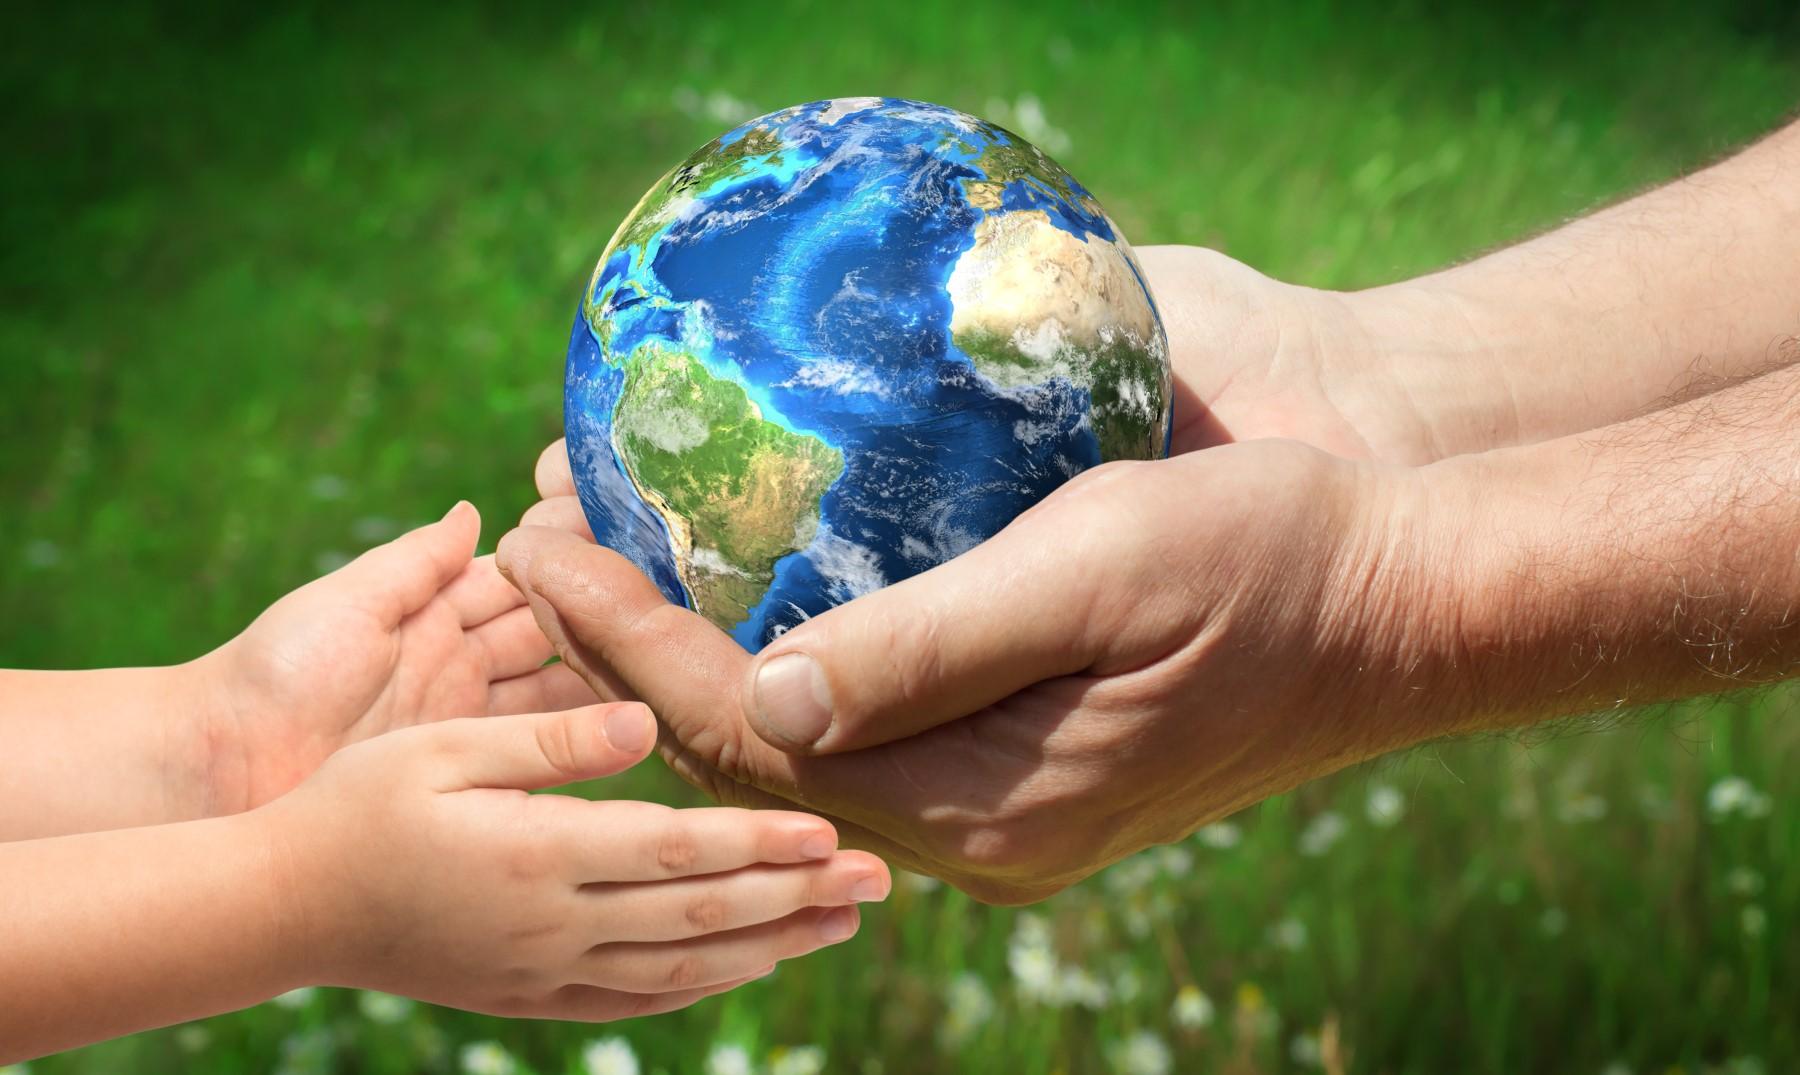 Deportes ecológicos: descubre qué son y cómo practicarlos